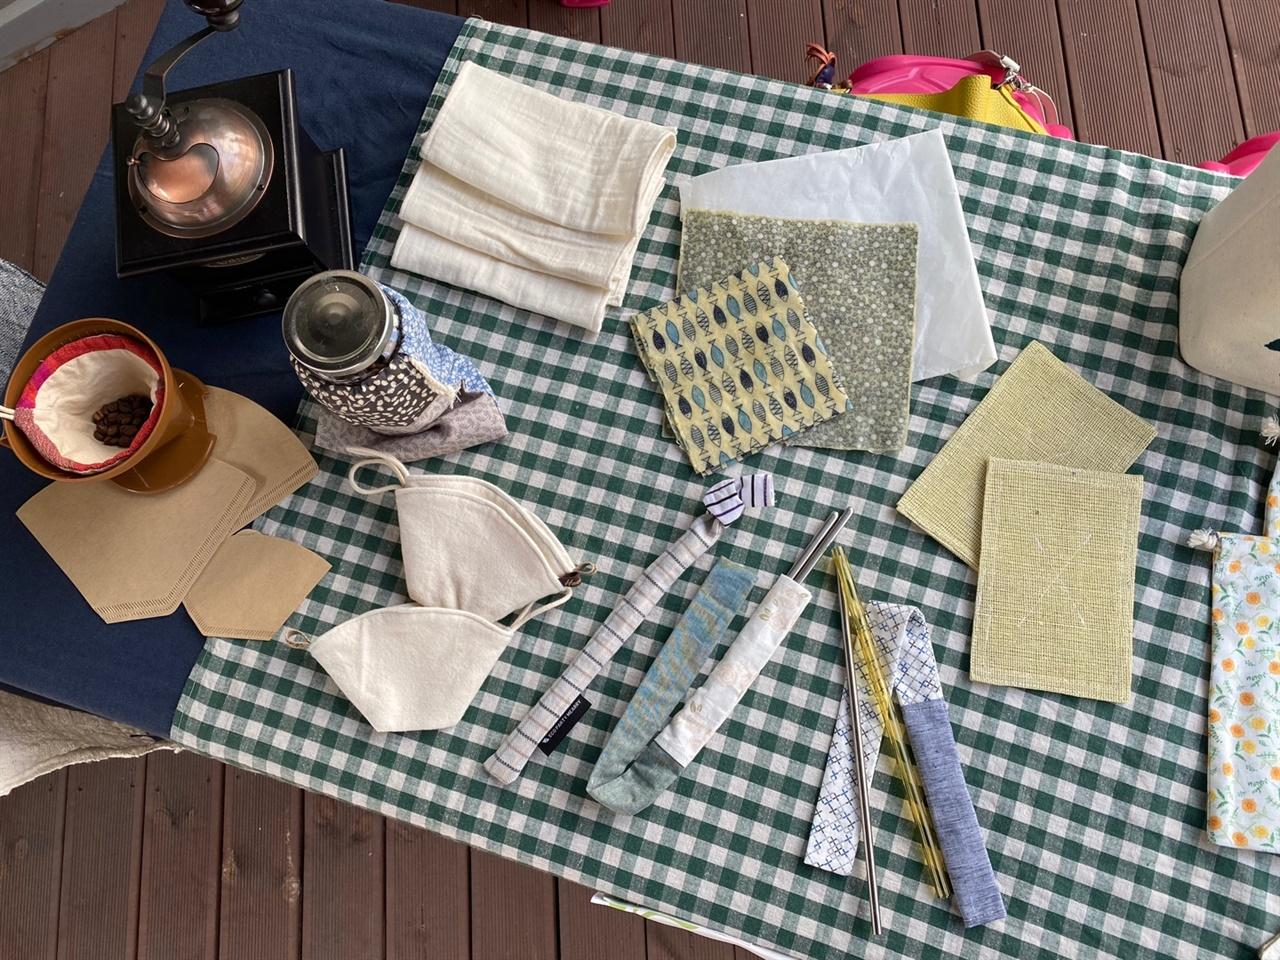 '봄봄'이 소개한 대안생활용품 친환경 소재를 사용한 제품